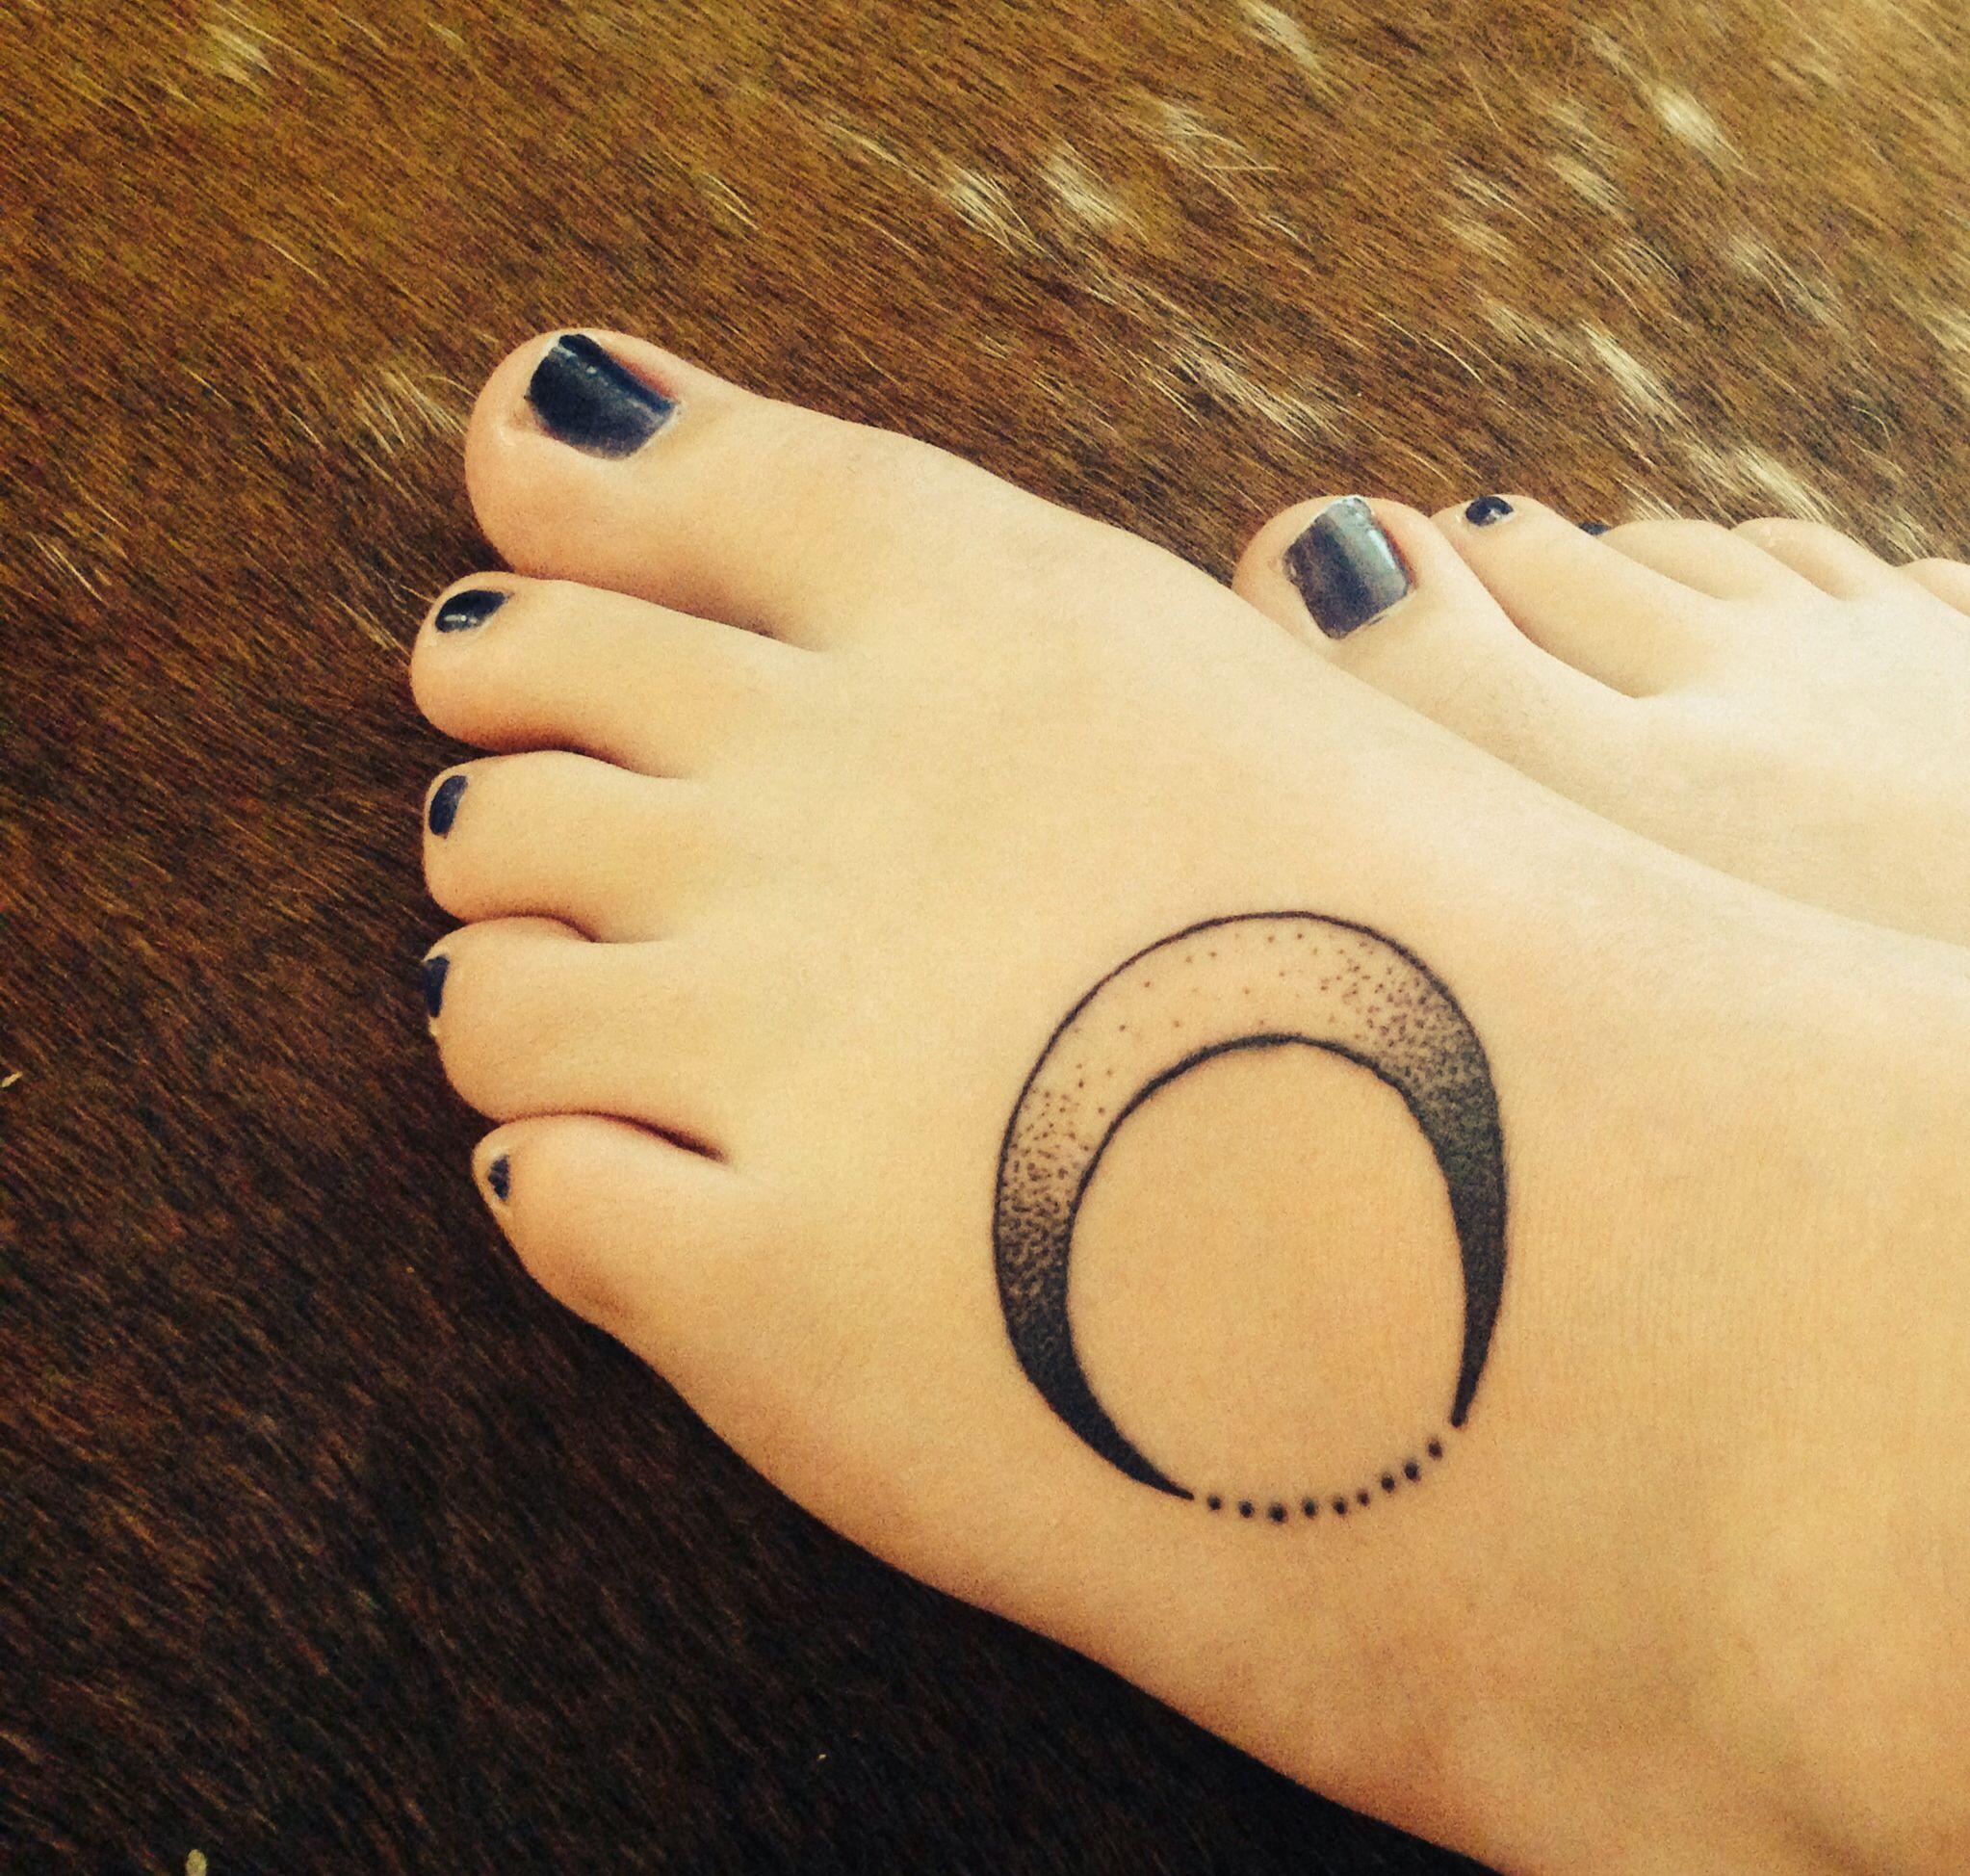 My new moon tattoo.